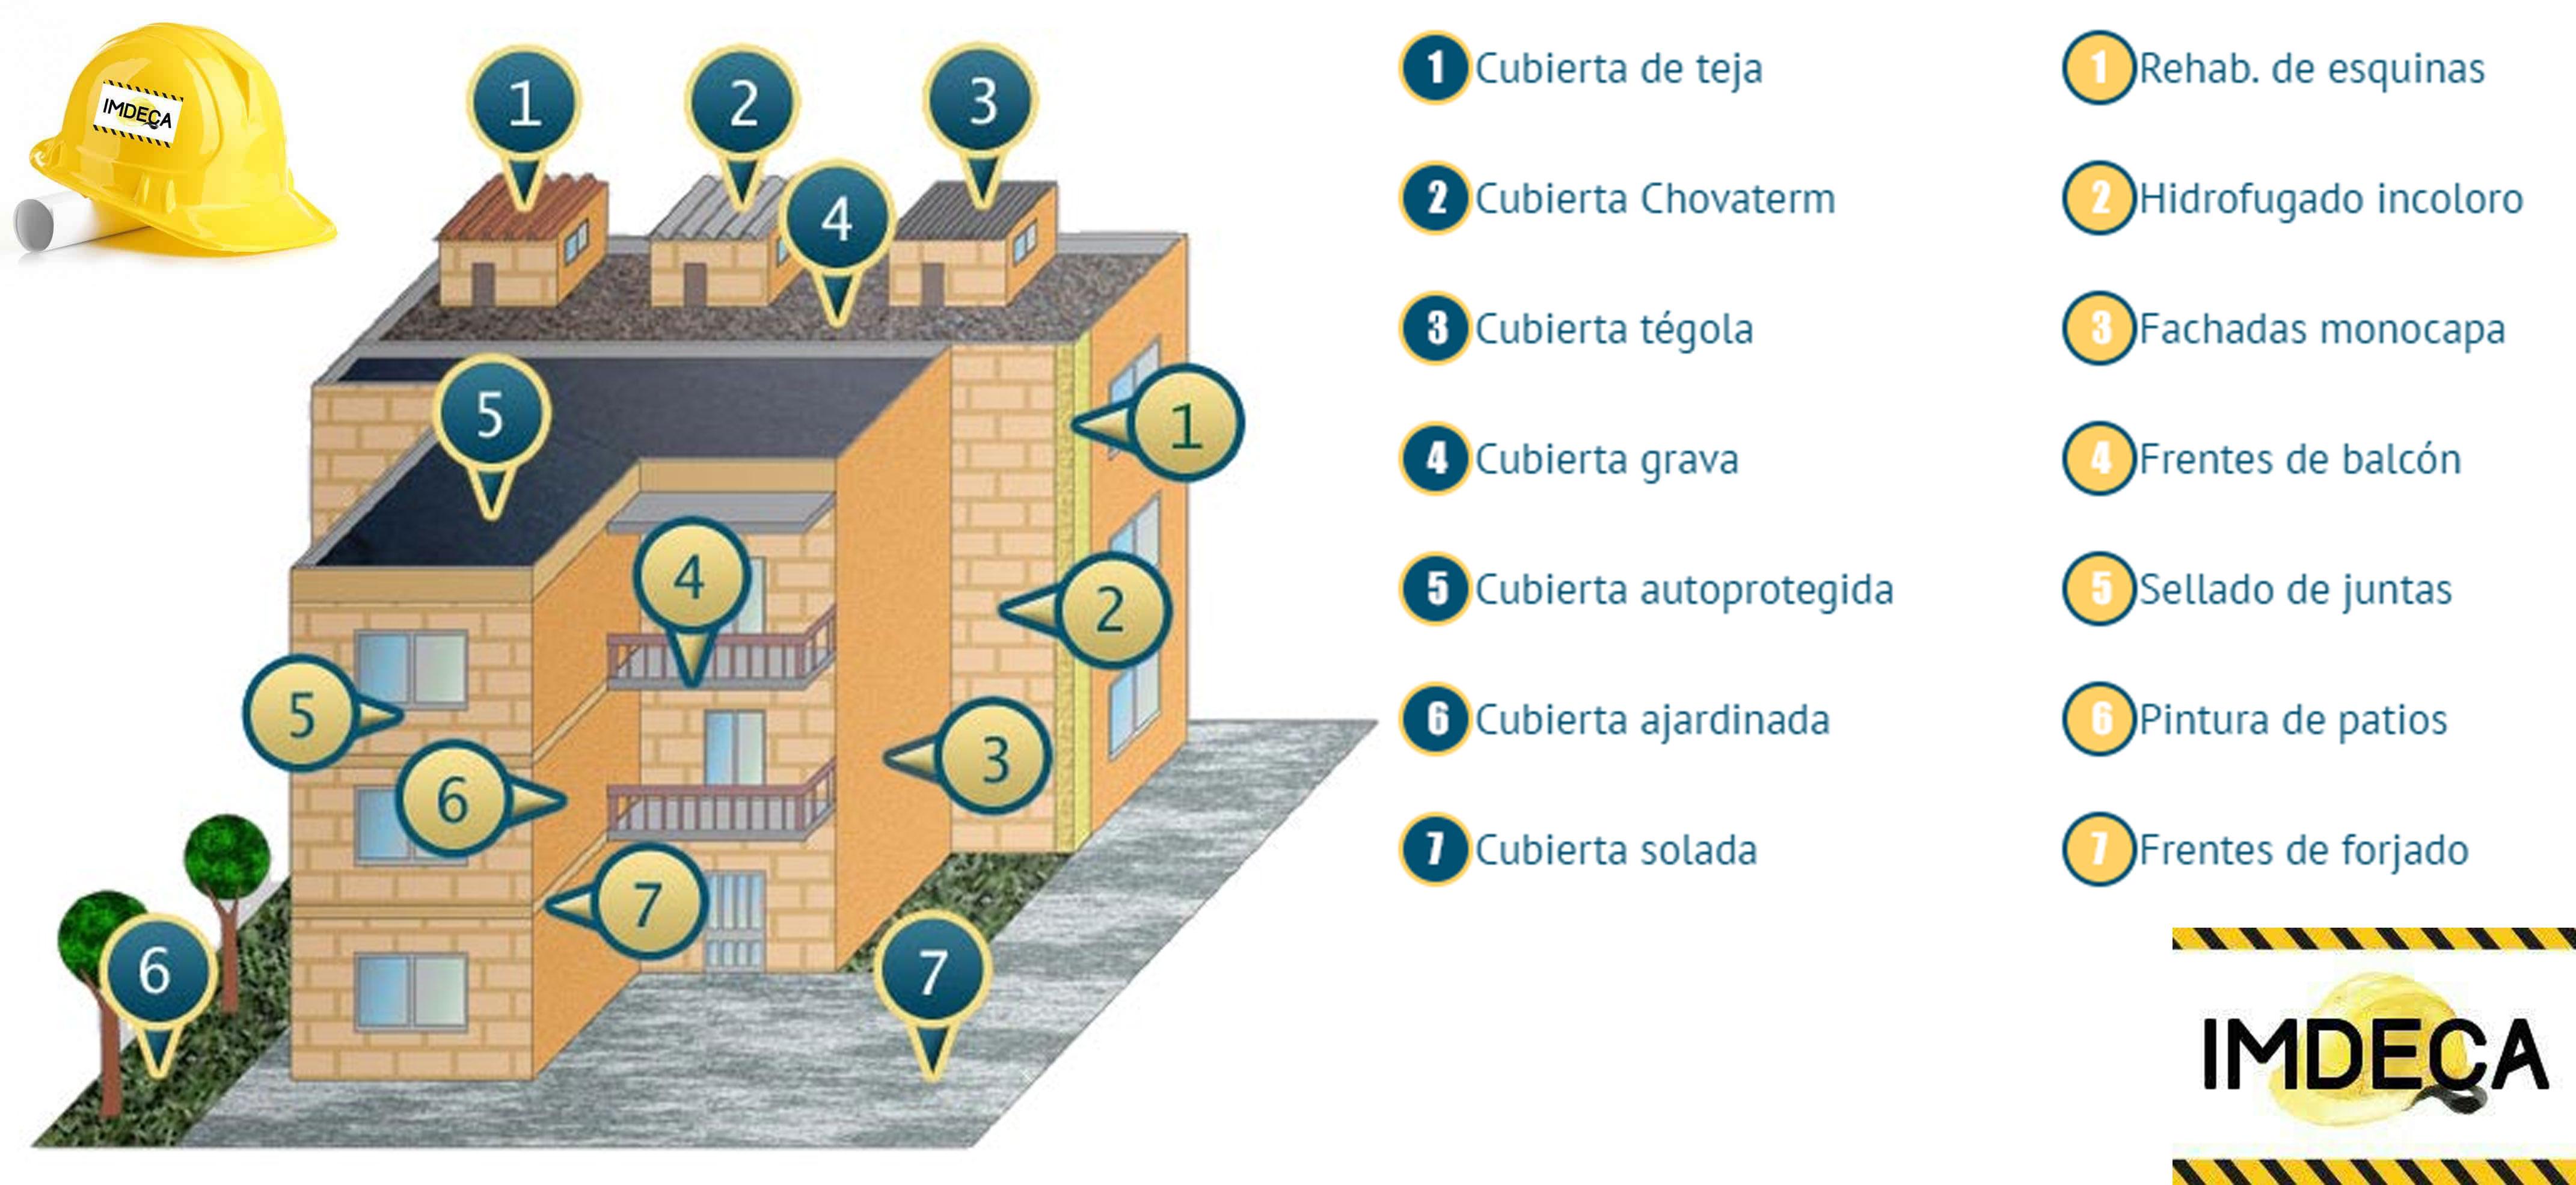 expertos-impermeabilizacion-cadiz-imdeca-aislamientos